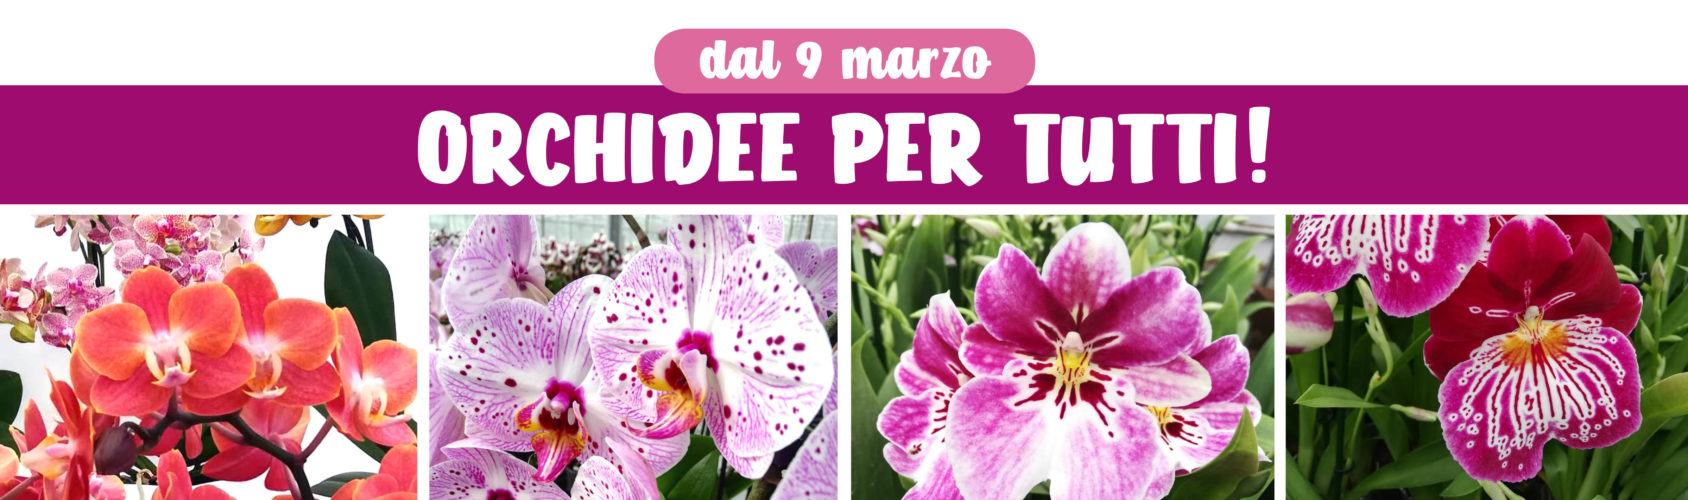 Orchidee per tutti!